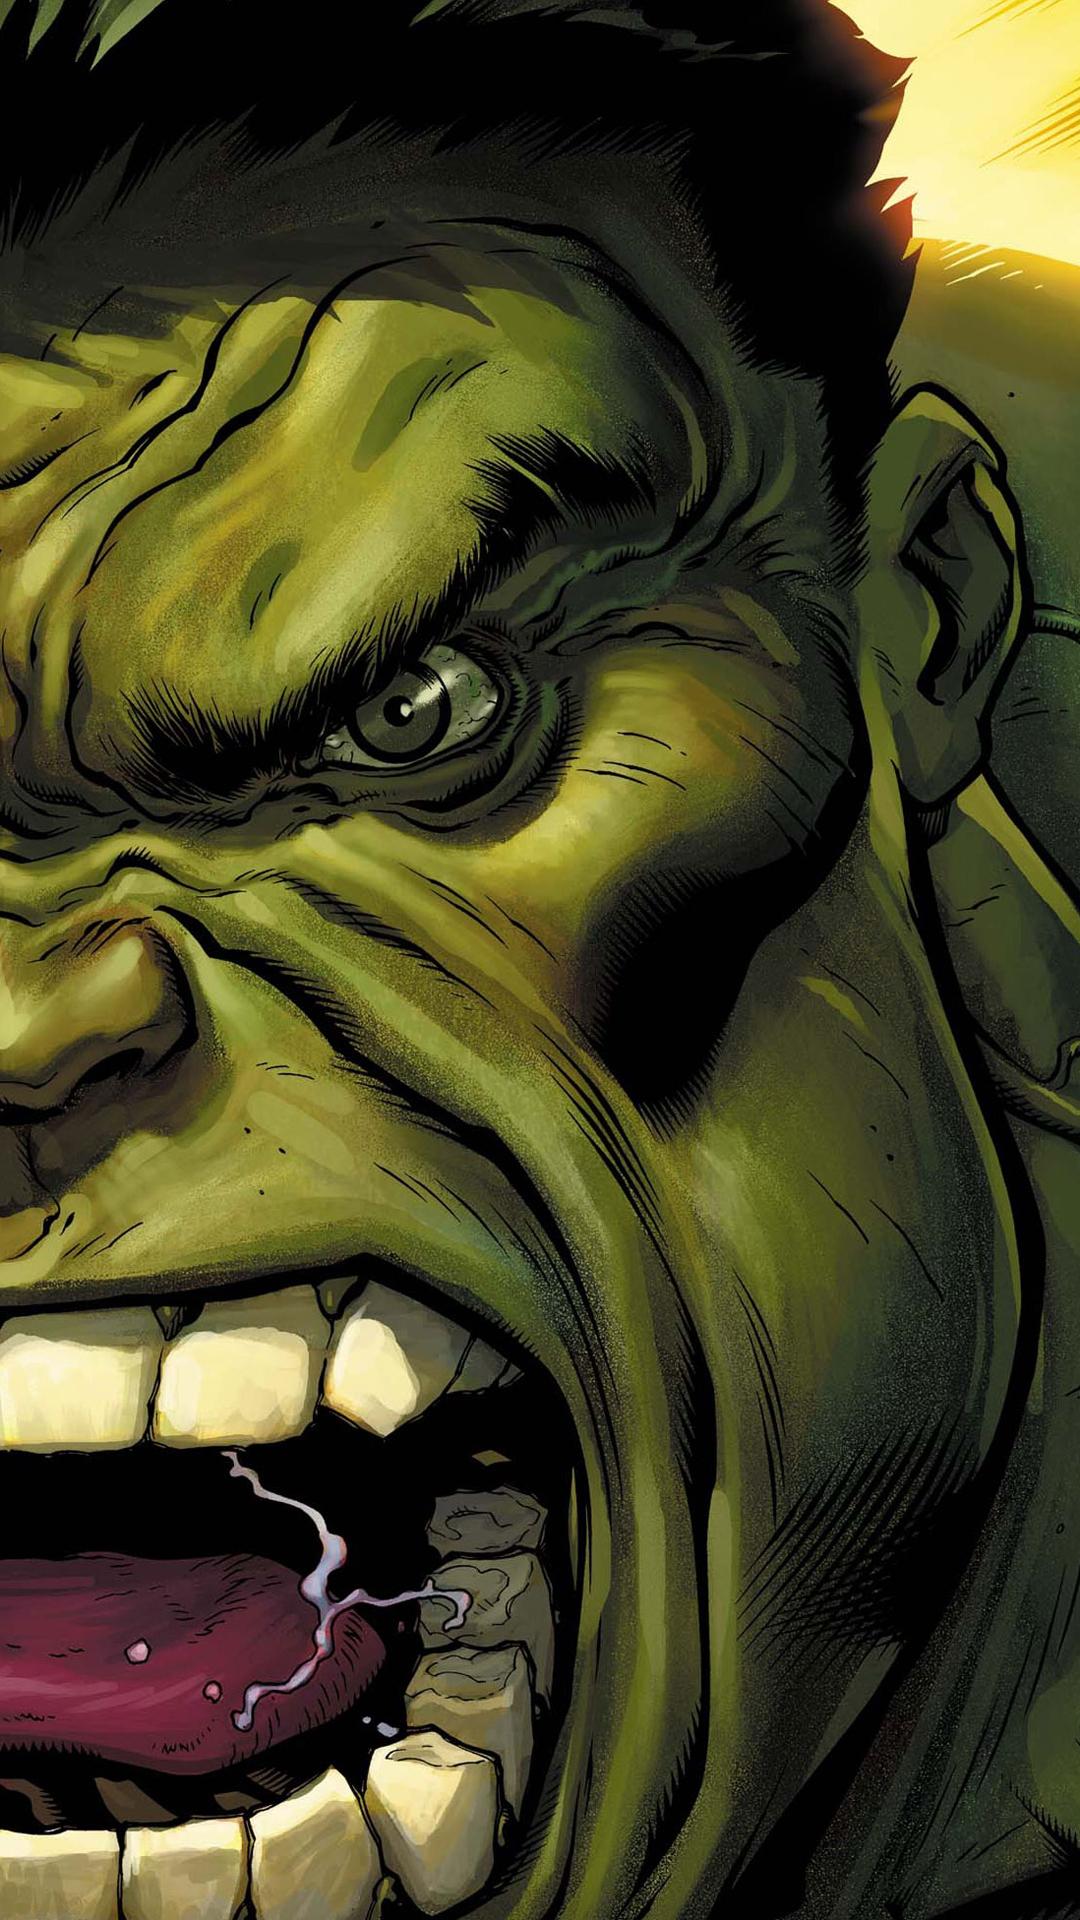 Hulk - Marvel Movies Wiki - Wolverine, Iron Man 2, Thor  |Incredible Hulk Face Avengers